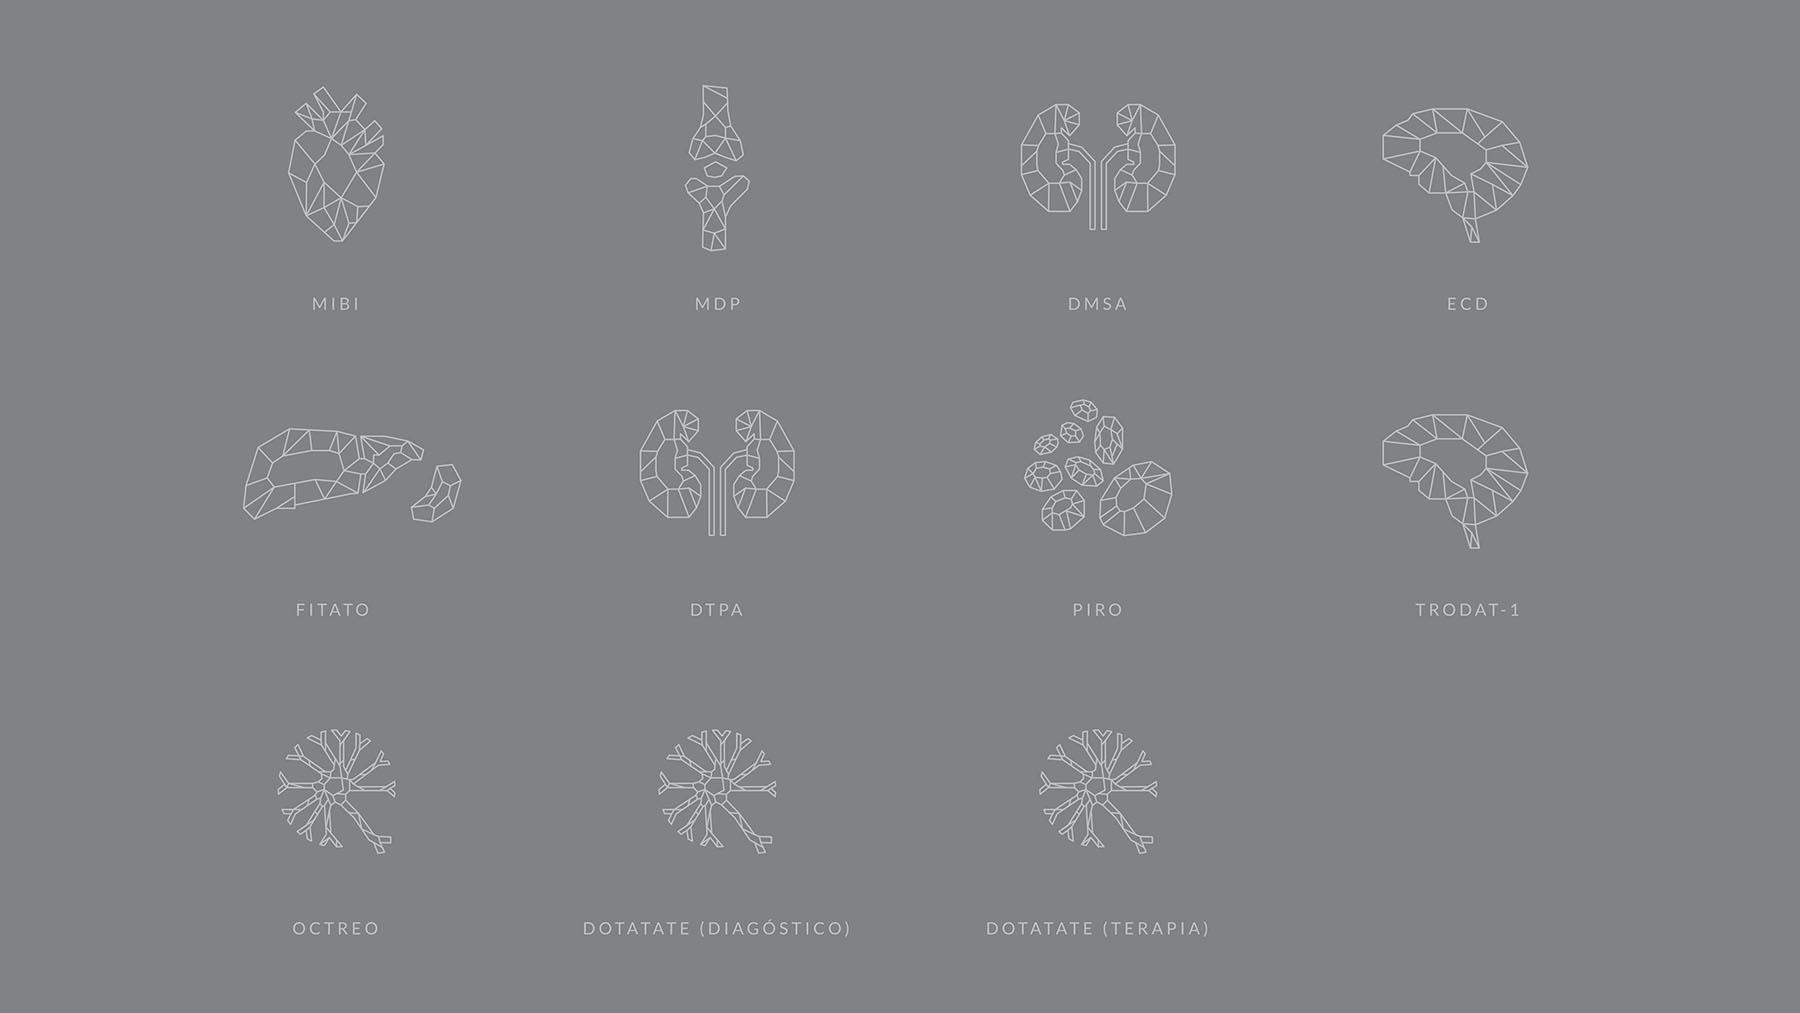 Design de Inocografia para embalagens de Medicamentos.